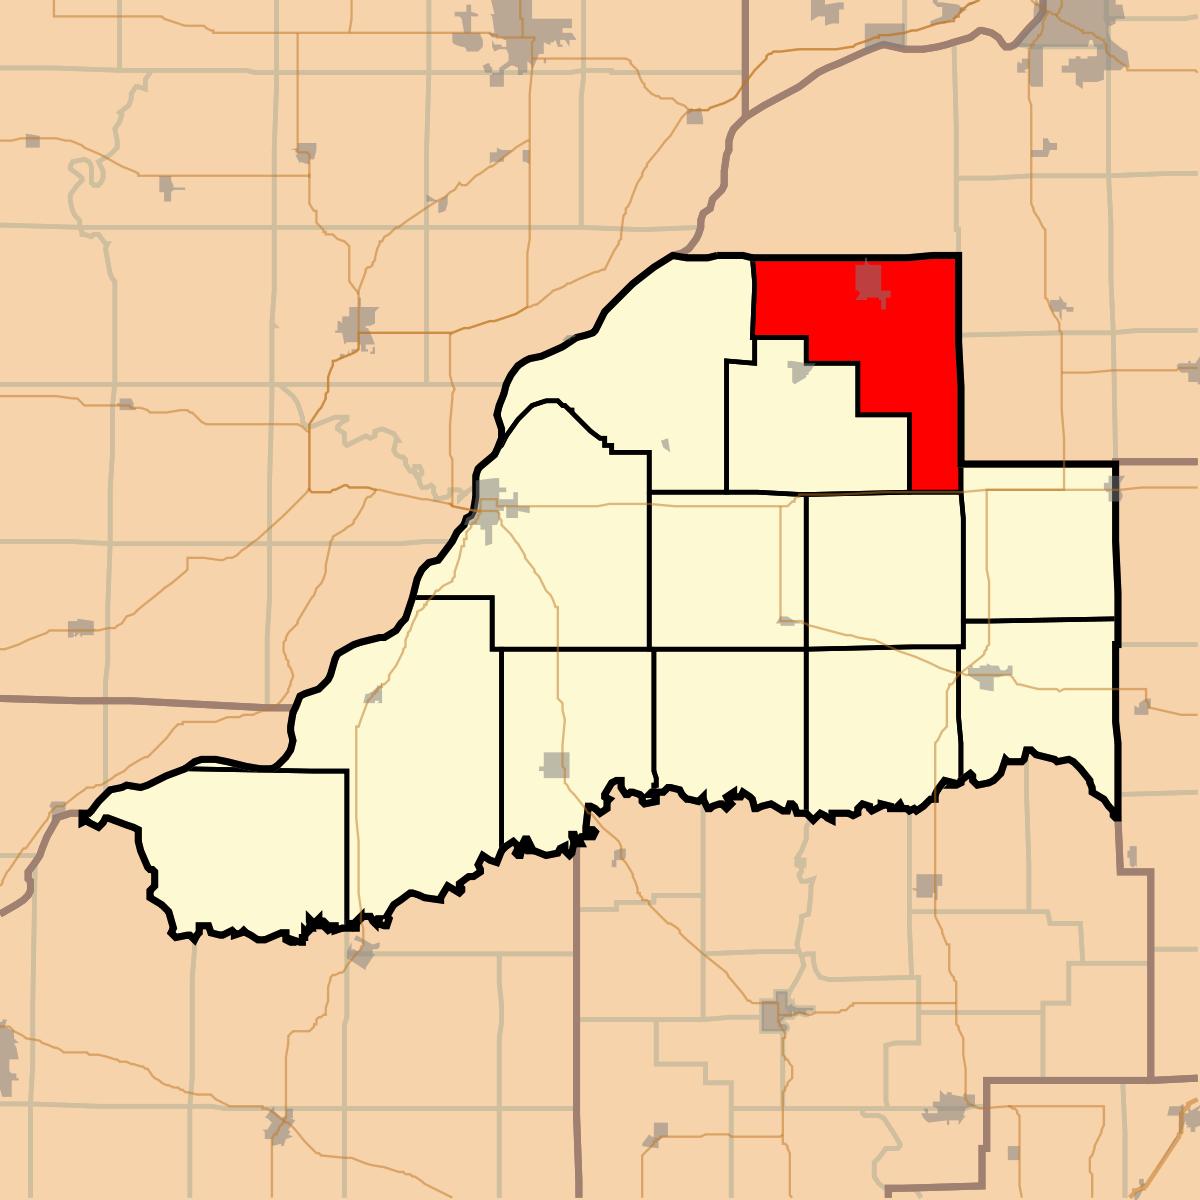 Manito Township